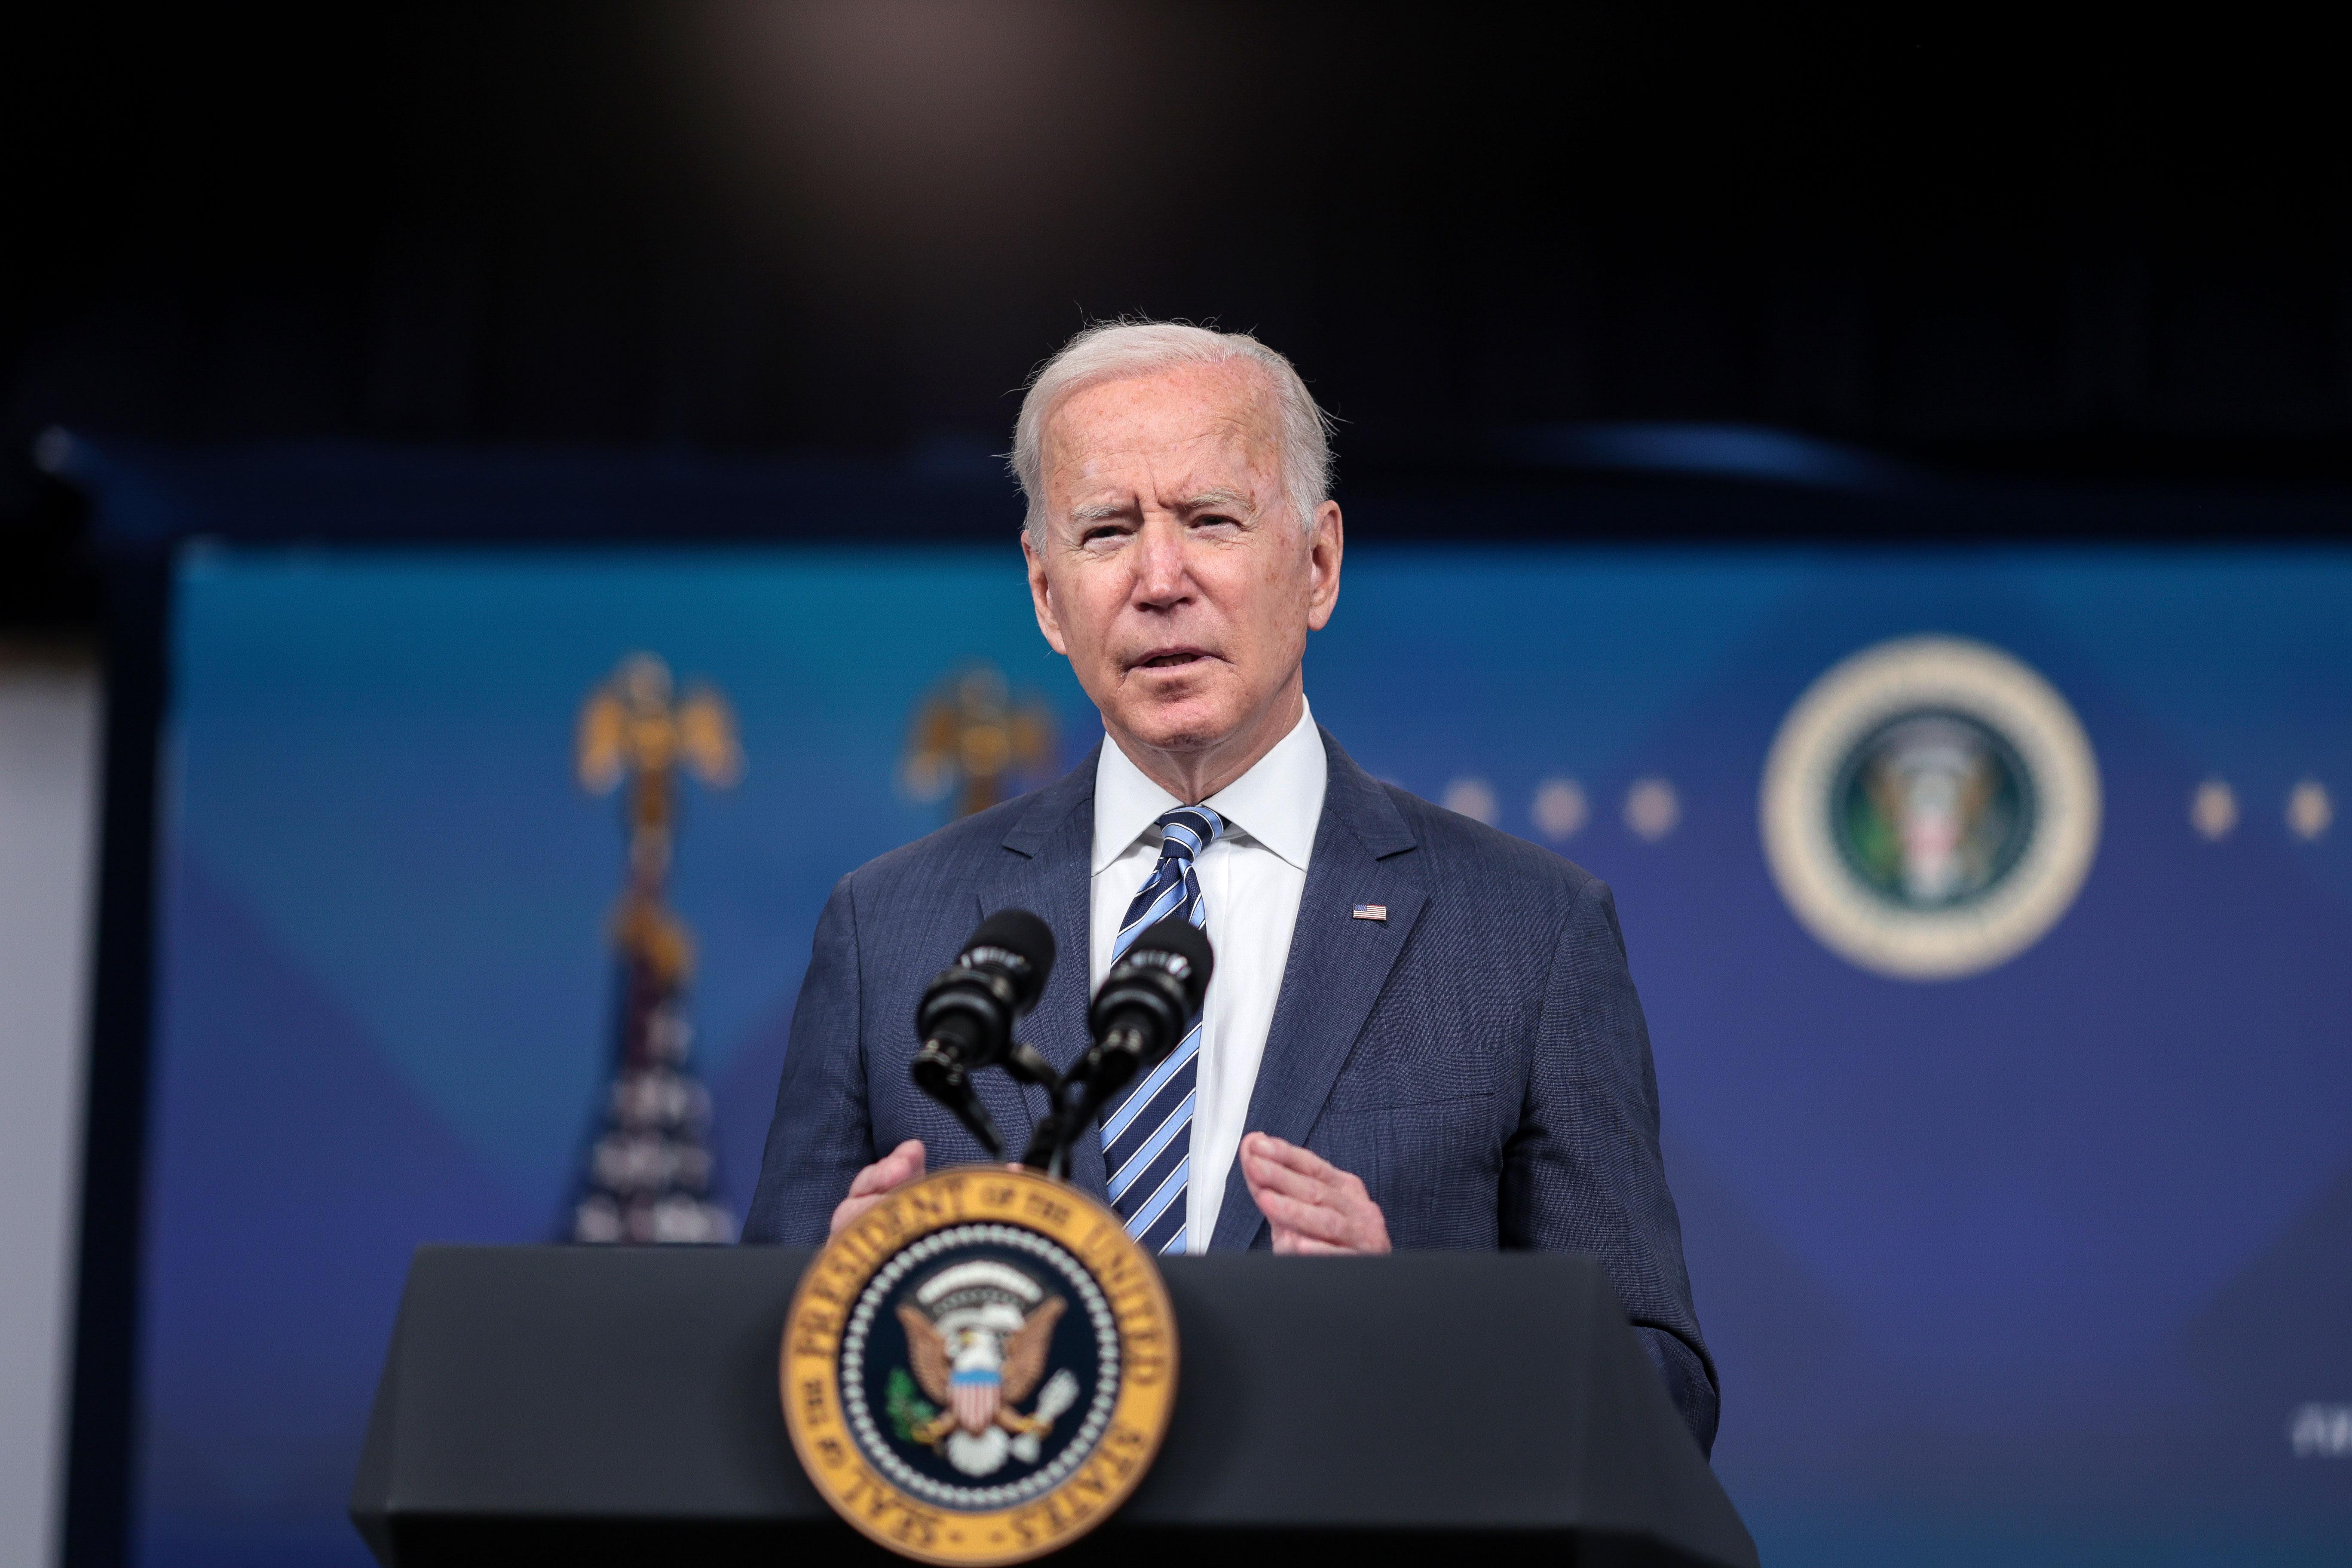 President Joe Biden speaks from the White House on August 20.